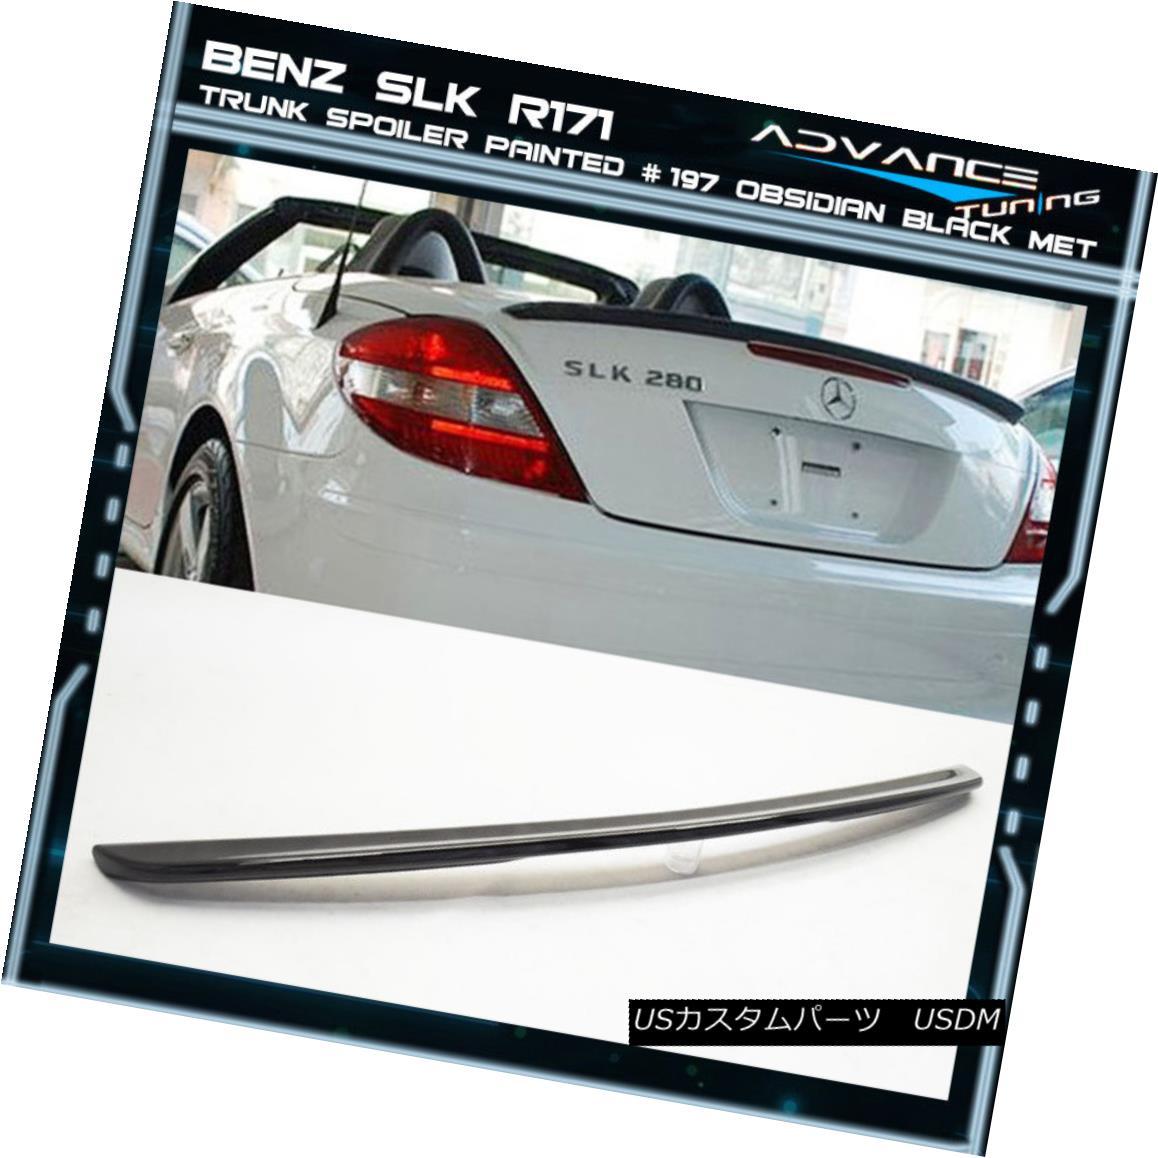 エアロパーツ 05-10 Benz SLK R171 Trunk Spoiler OEM Painted Color # 197 Obsidian Black Met 05-10ベンツSLK R171トランク・スポイラーOEM塗装カラー#197 Obsidian Black Met